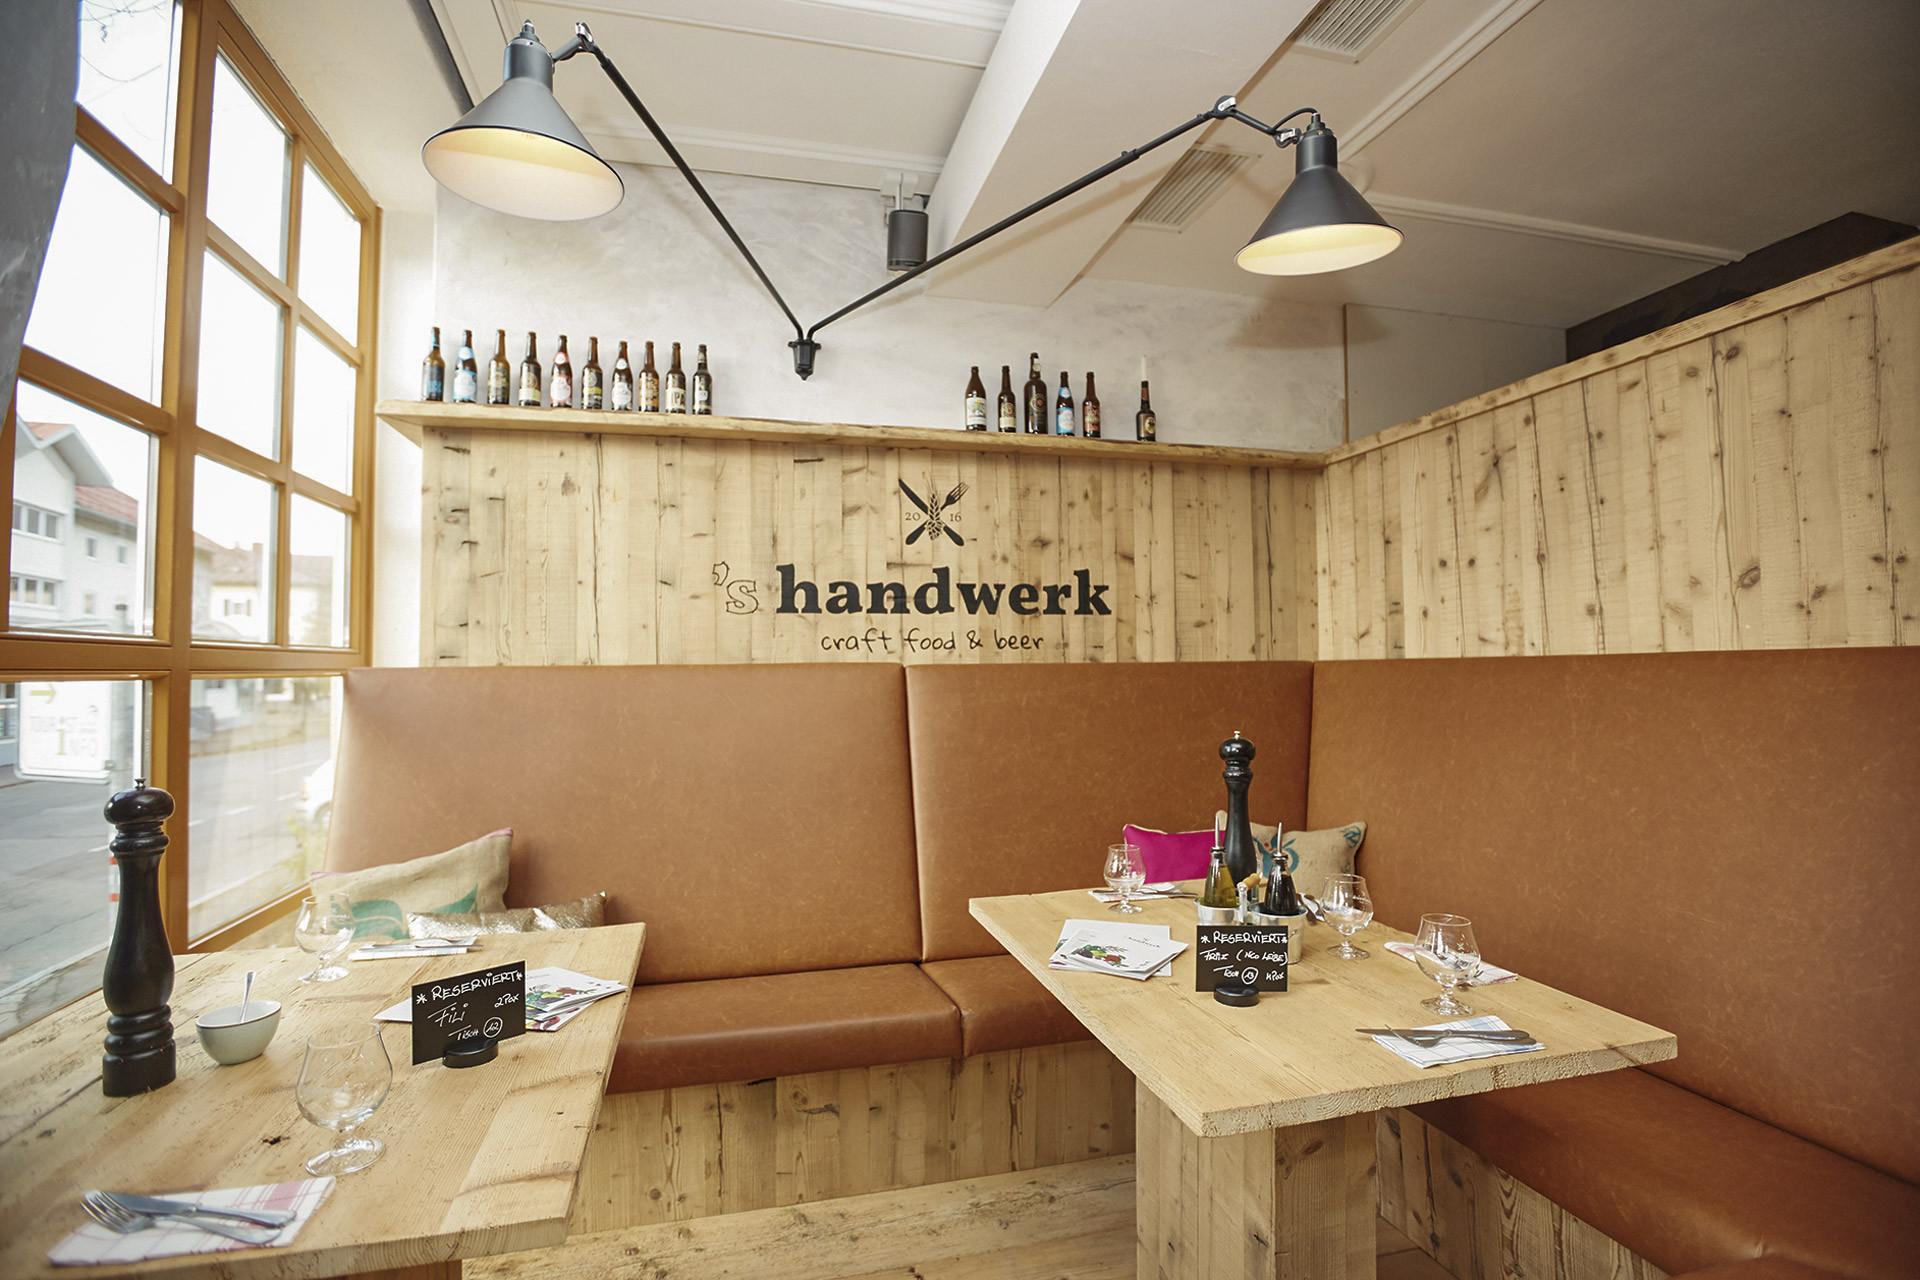 Handwerk Sonthofen  's handwerk craft food & beer Sonthofen